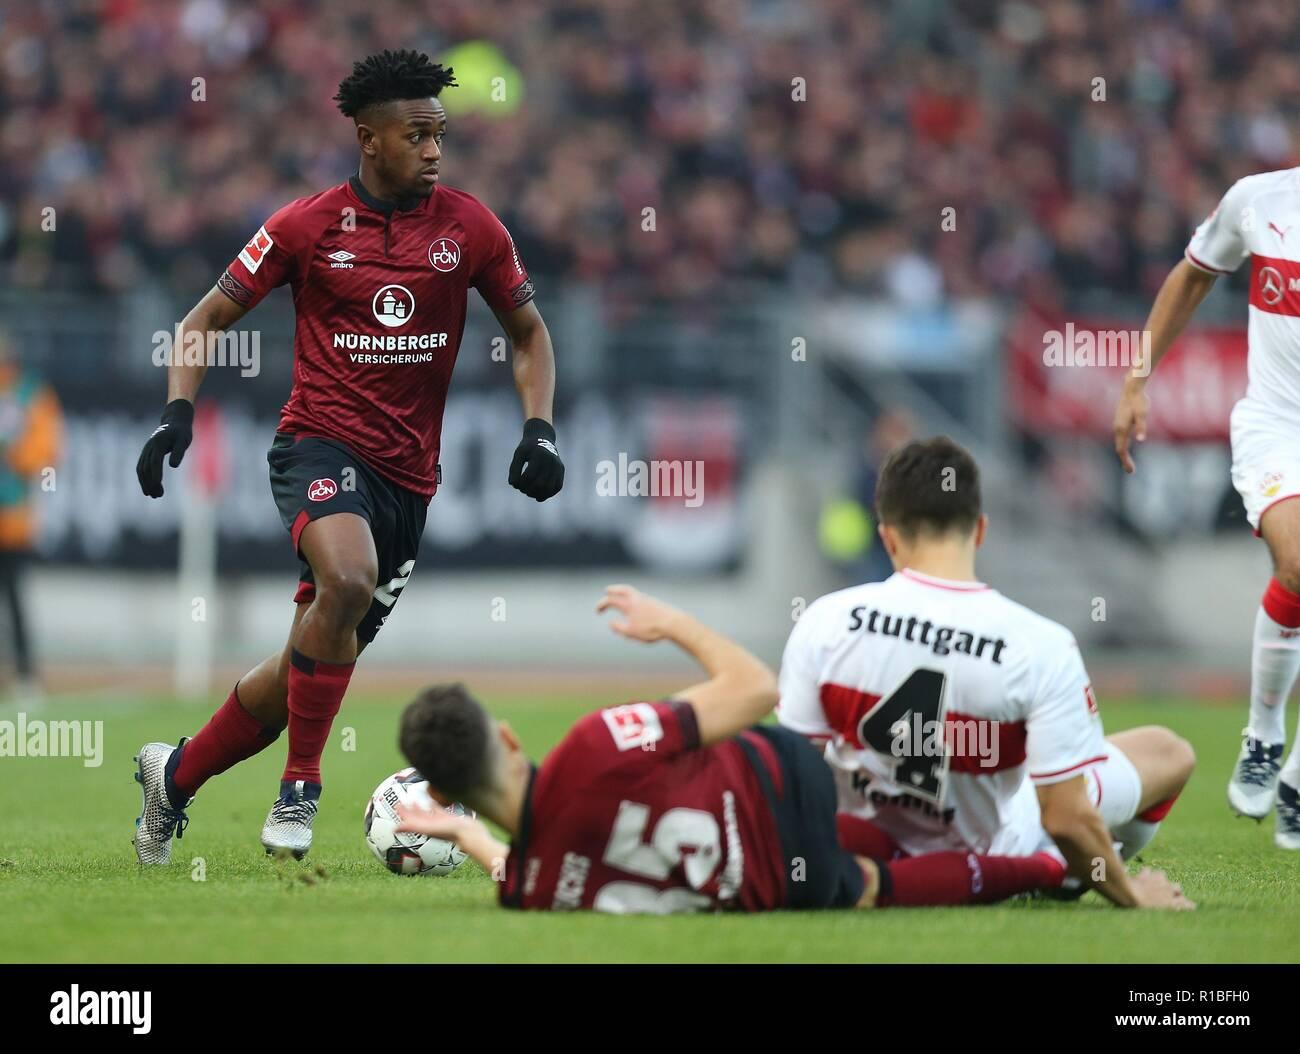 firo: 10.11.2018, Fuvuball, 1.Bundesliga, season 2018/2019, 1.FC Nvrnberg - VFB Stuttgart 0: 2, Virgil Misidjan, 1.FC Nvrnberg, FCN, Nvrnberg, whole figure | usage worldwide - Stock Image